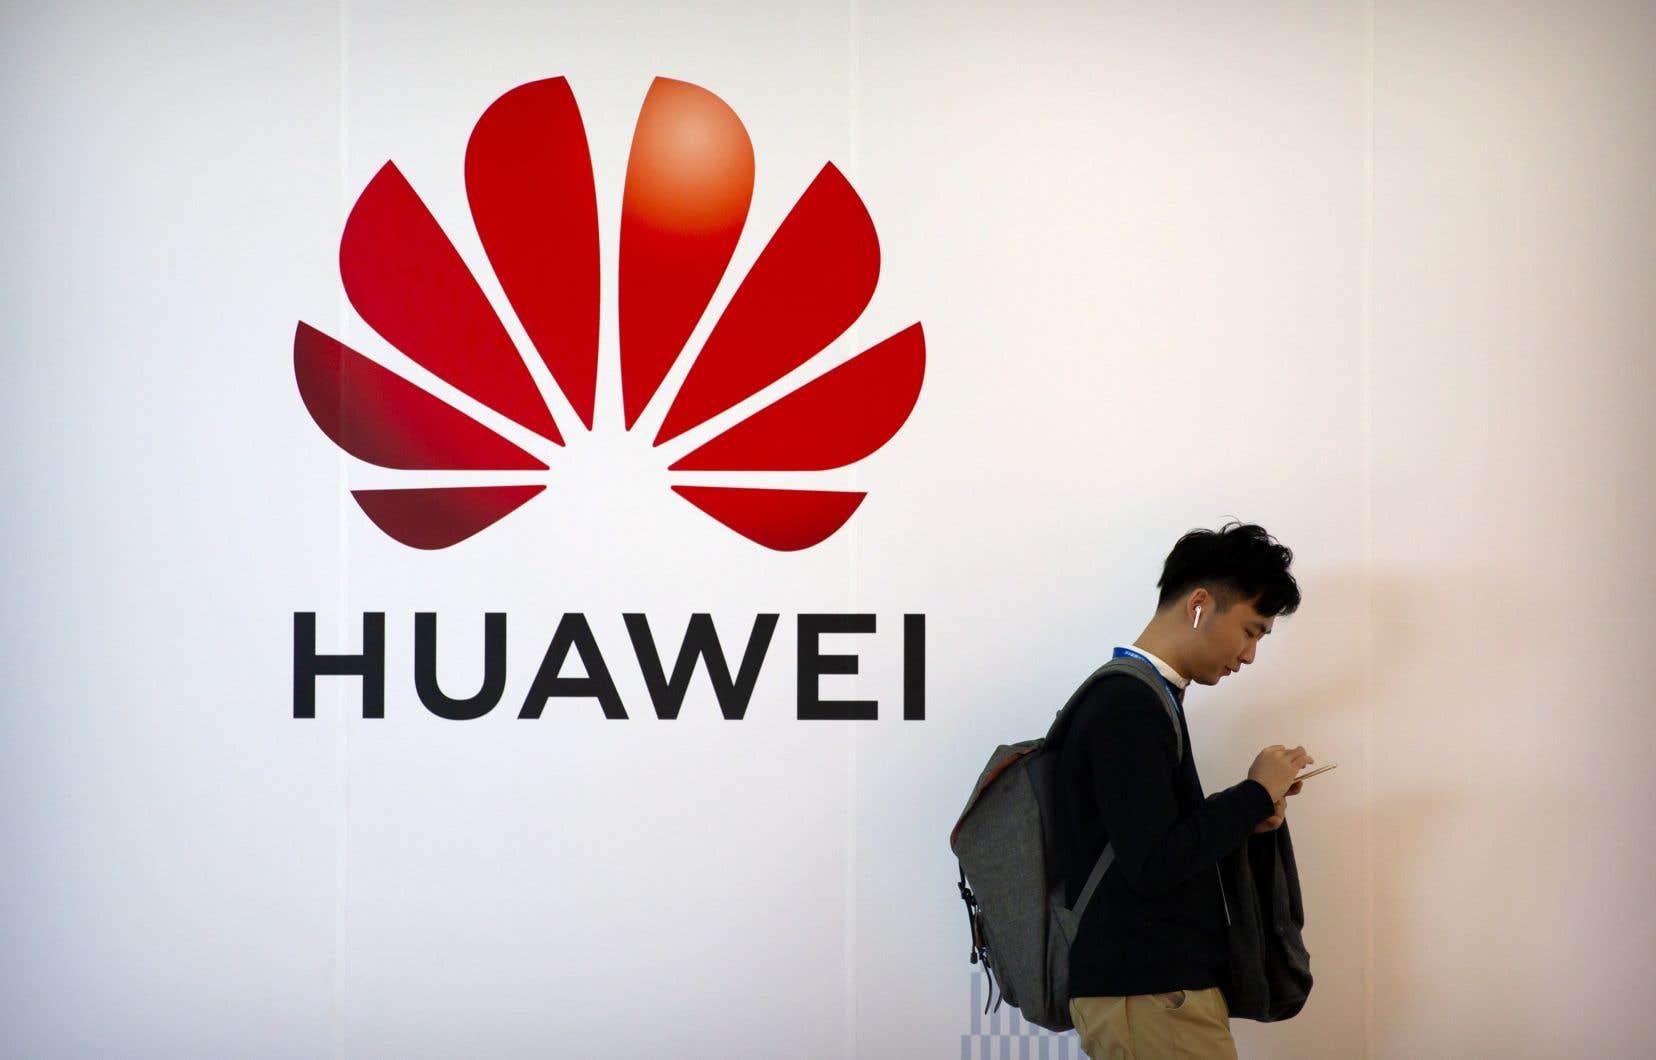 L'entreprise de télécommunications chinoise Huawei a été mis en cause par le gouvernement de Donald Trump.